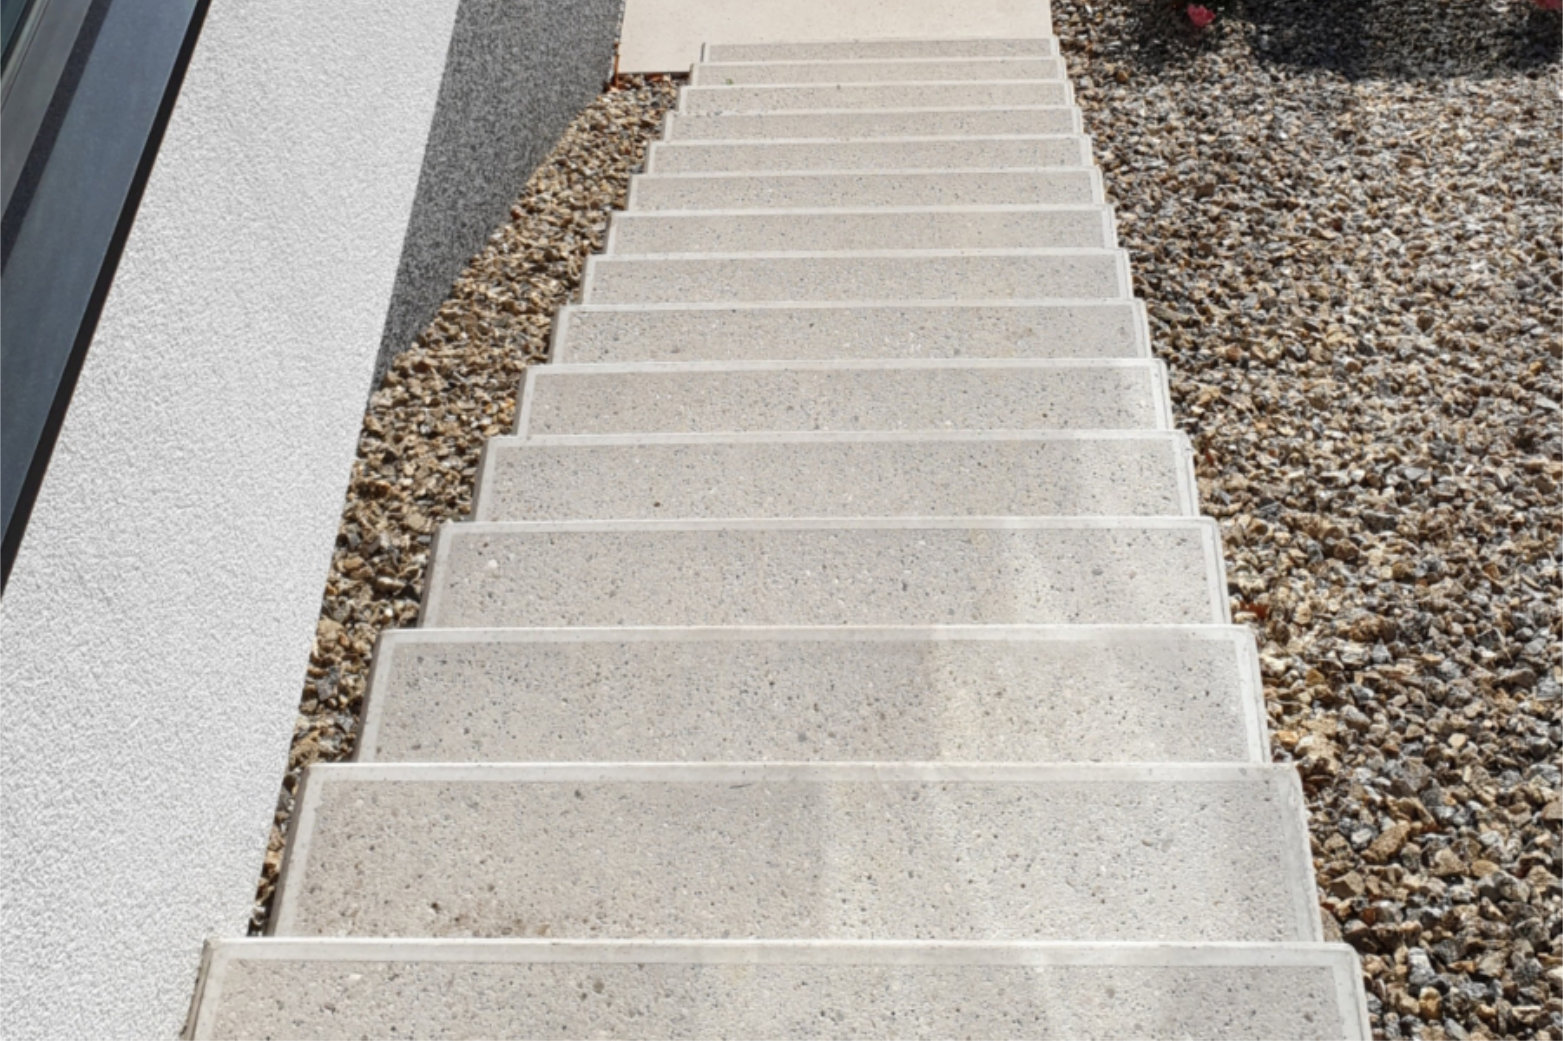 Josef Lehner GmbH Stiege aus weißem Beton mit sandgetrahlter Oberfläche1